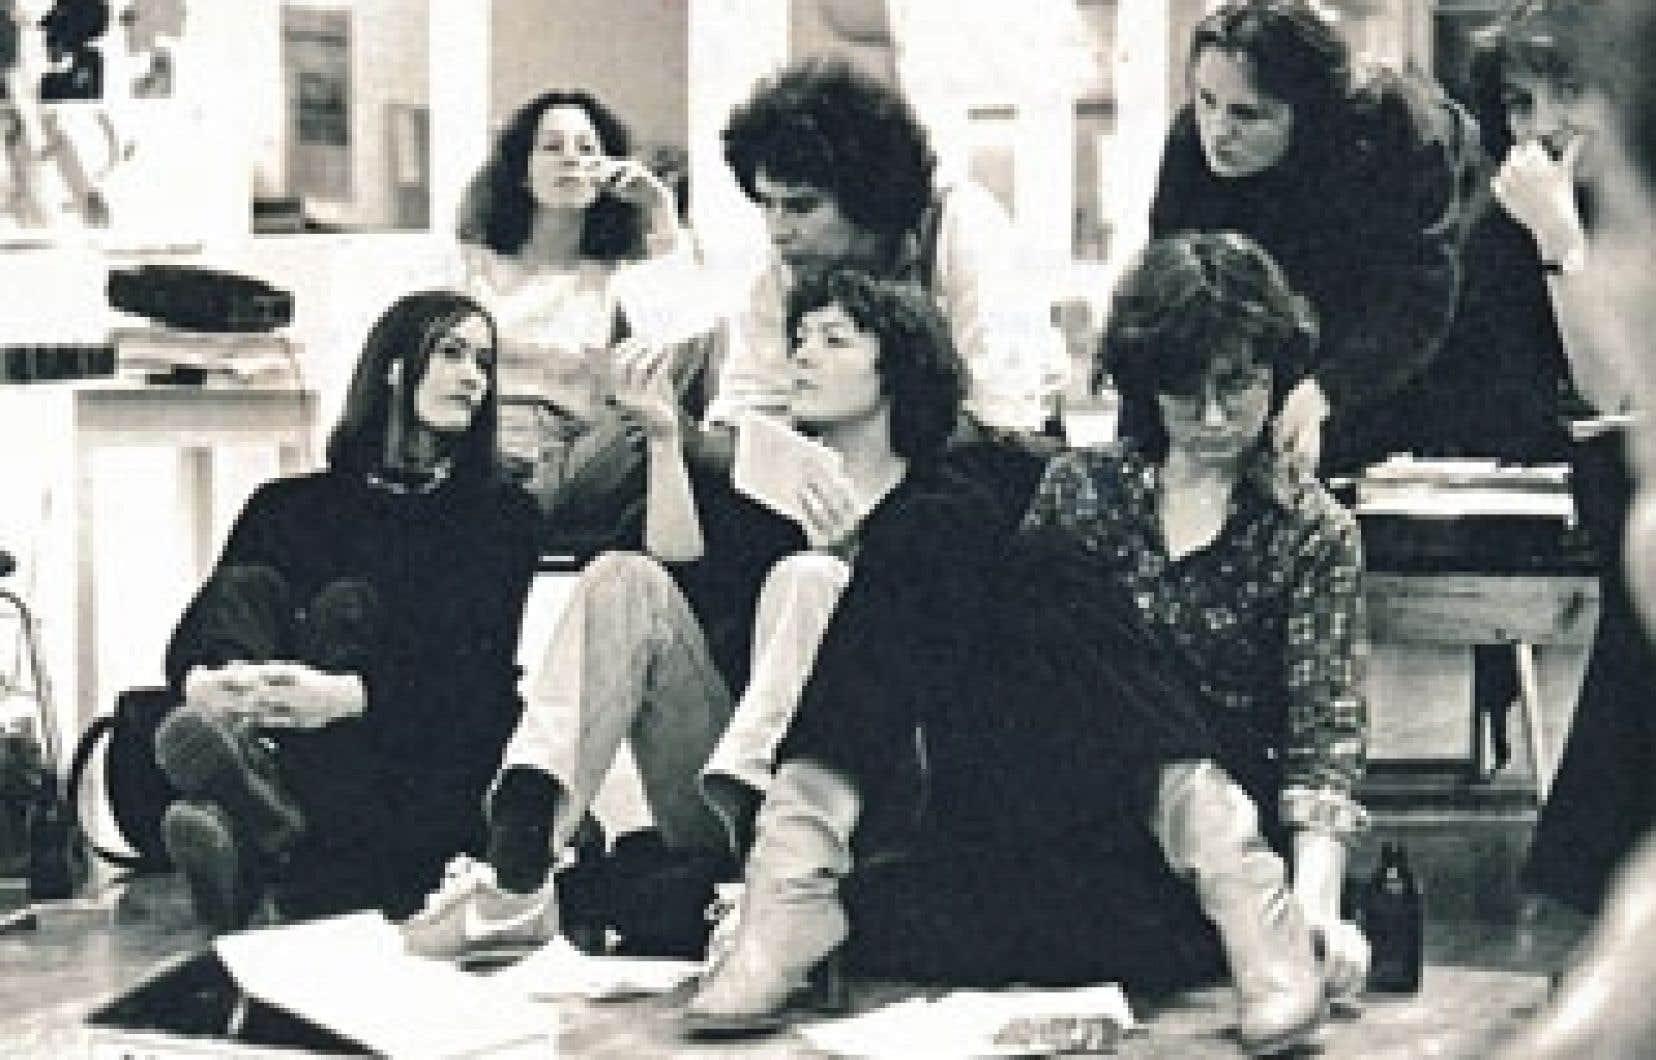 Deux photos tirées des archives de La Centrale: Hannelore Storm, 1974, et réunion informelle, dans les années 1978-1979.